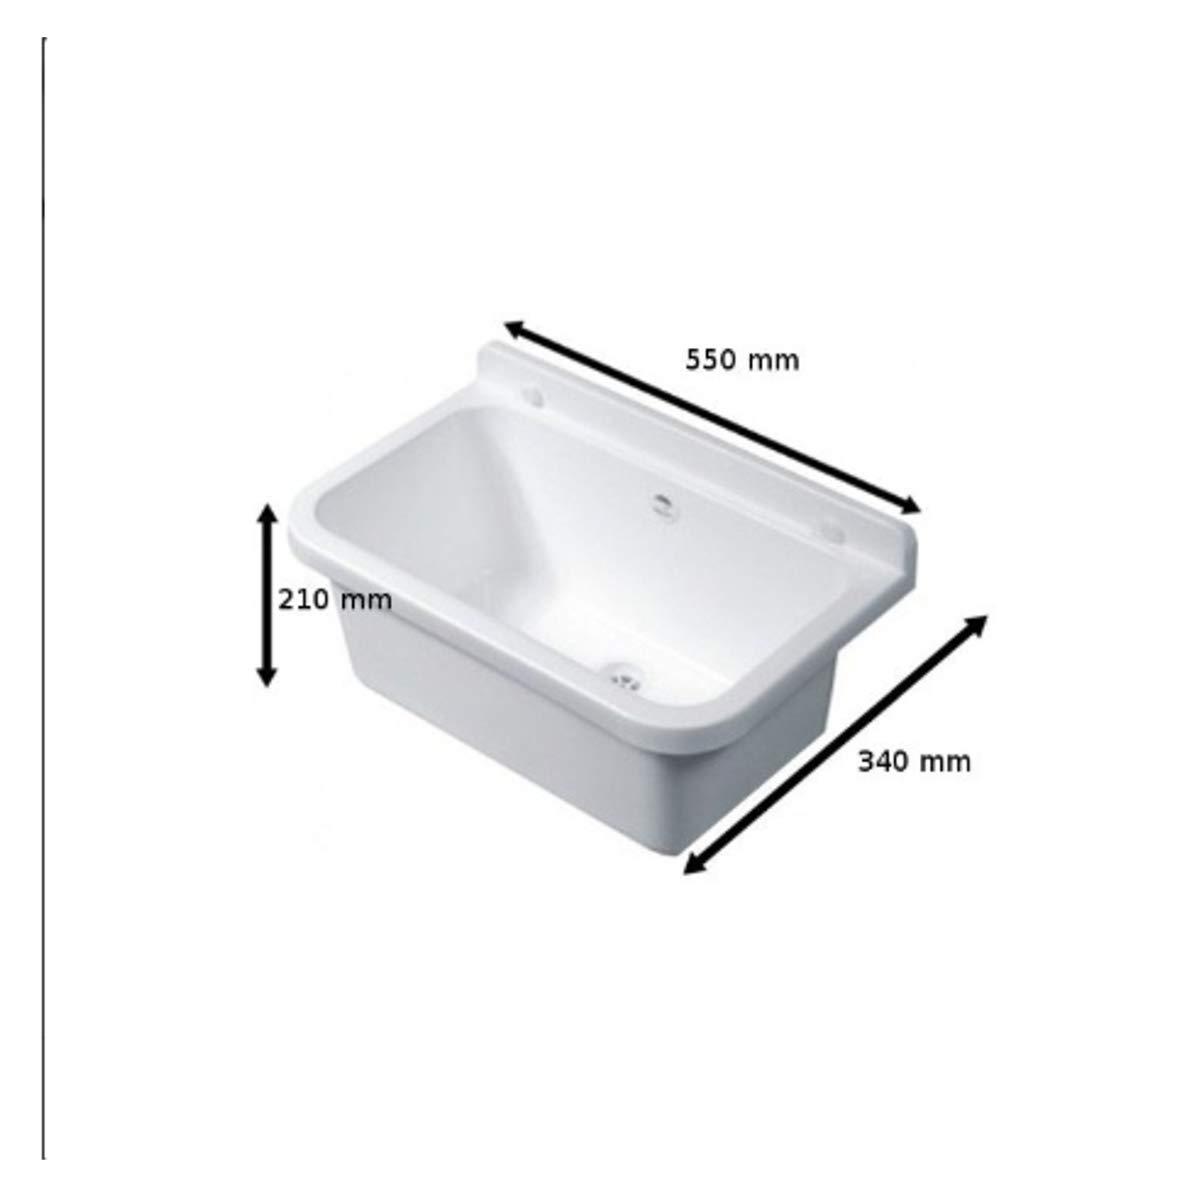 Ablaufgranitur Waschbecken Ausgussbecken mit Armatur 55 cm x 34 cm x 21 cm Sp/ülbecken Waschtrog mit /Überlauf Waschbecken f/ür Gewerbe Waschraum Garten inkl